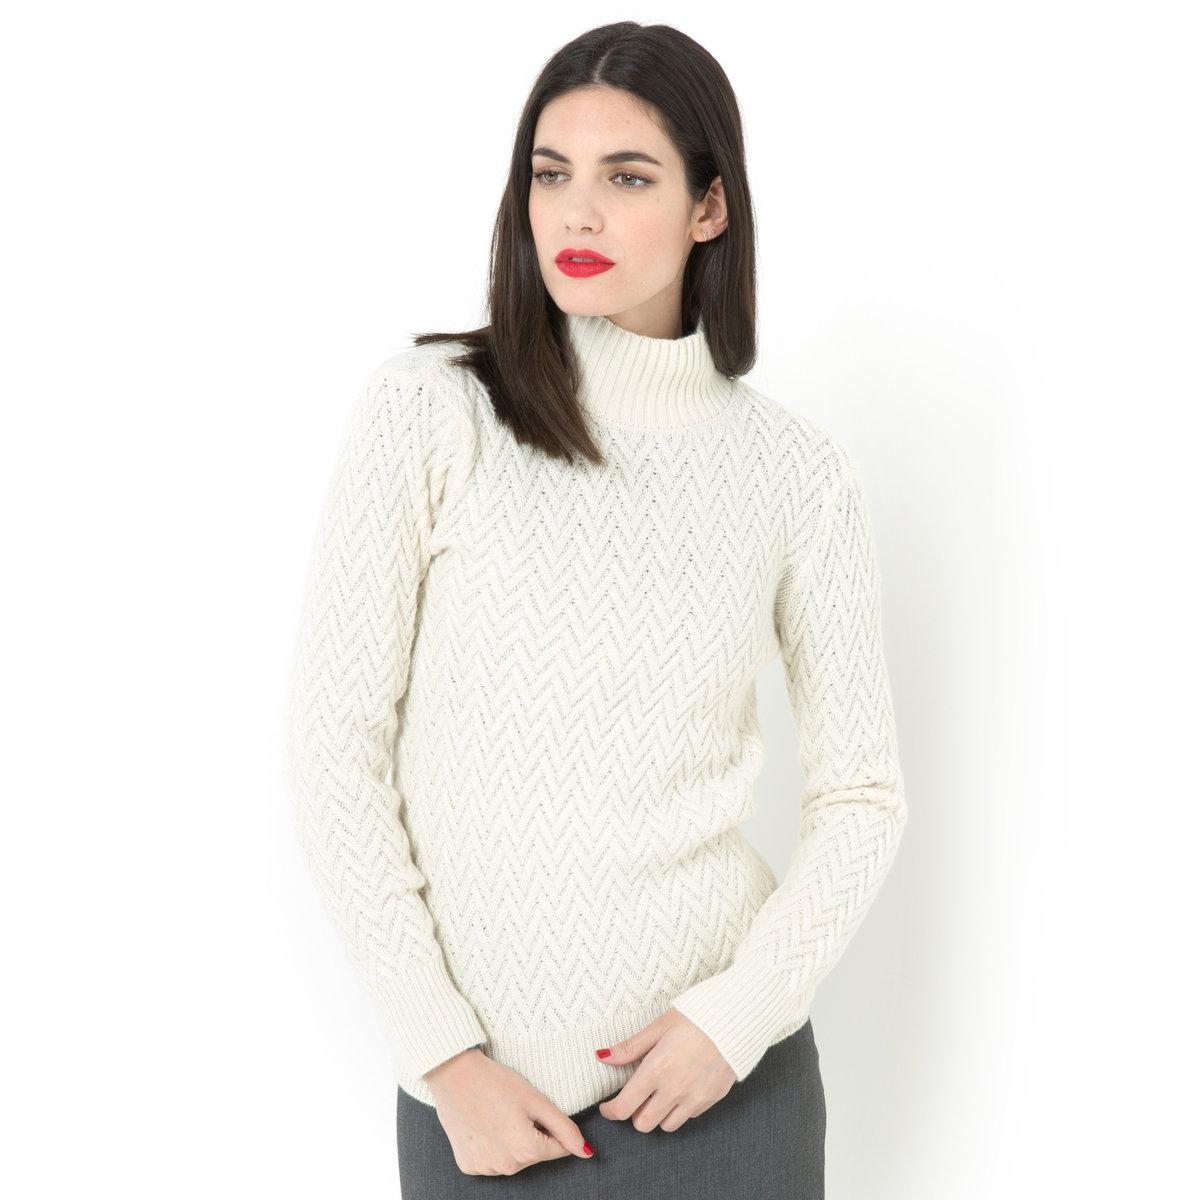 Пуловер, 40% шерстиТрикотаж с узором косы, 40% шерсти, 30% альпаки, 30% акрила. Высокий воротник, низ длинных рукавов и пуловера связаны в рубчик. Длина 64 см.<br><br>Цвет: экрю